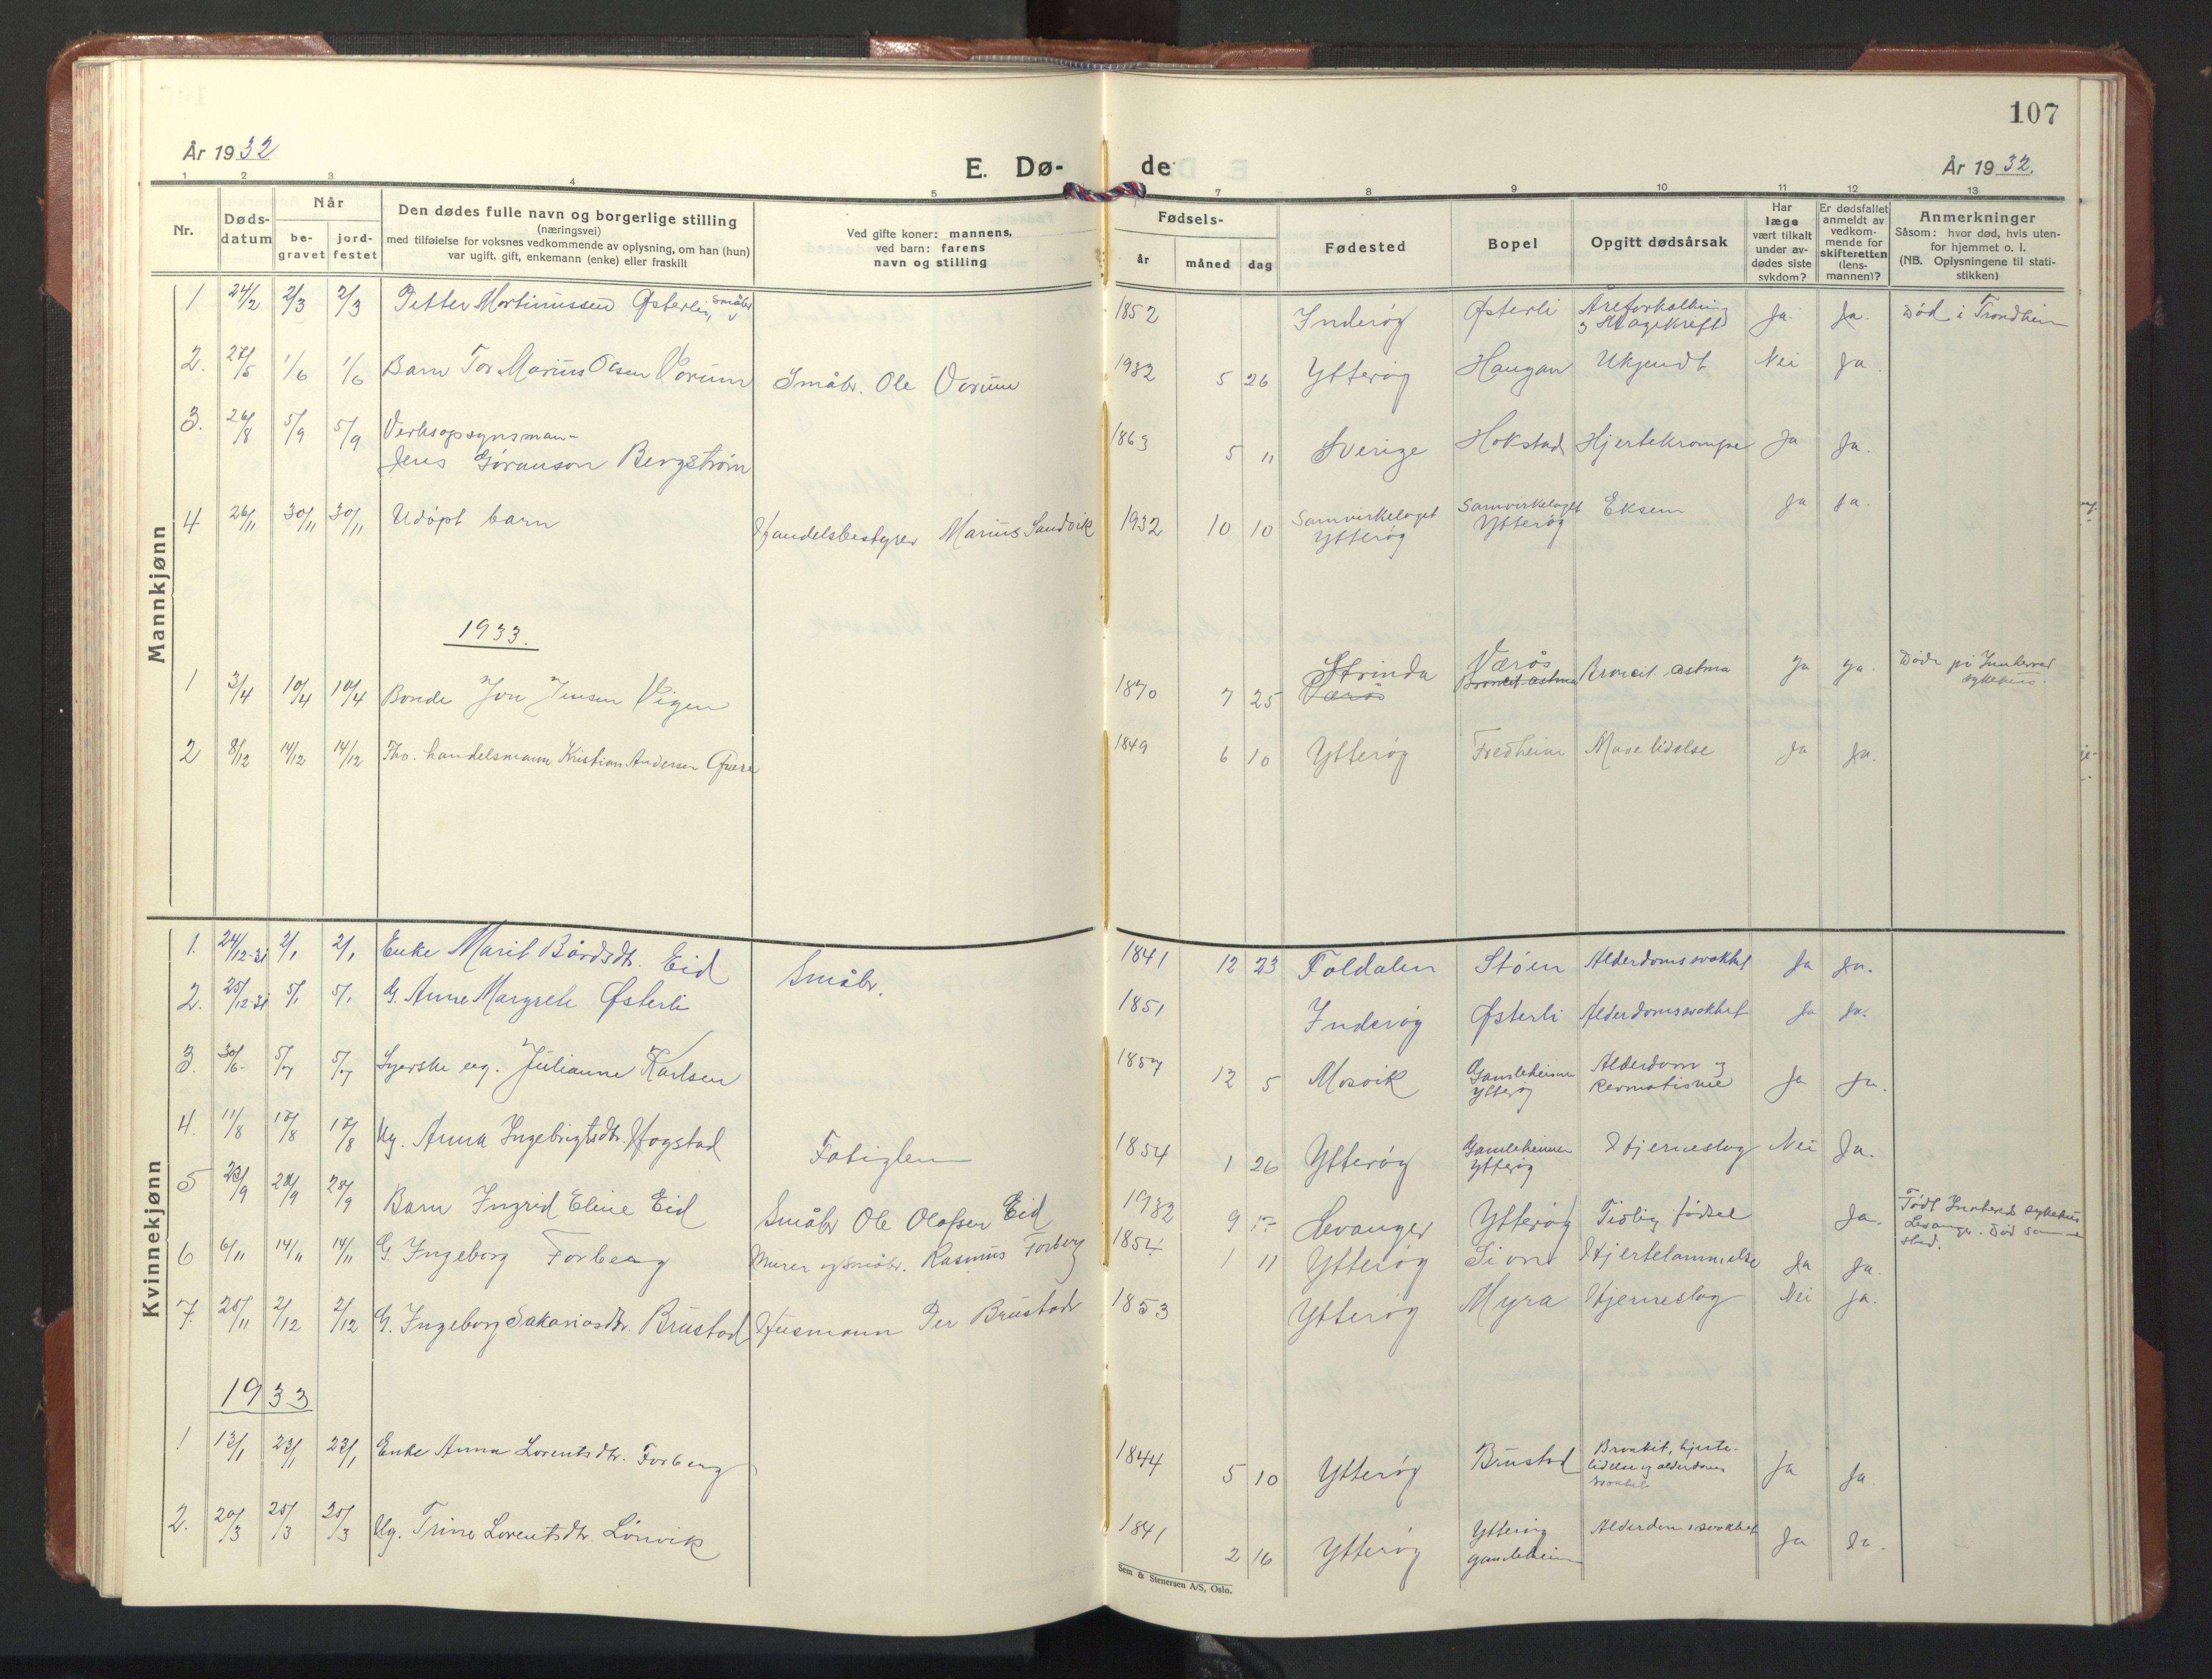 SAT, Ministerialprotokoller, klokkerbøker og fødselsregistre - Nord-Trøndelag, 722/L0227: Klokkerbok nr. 722C03, 1928-1958, s. 107